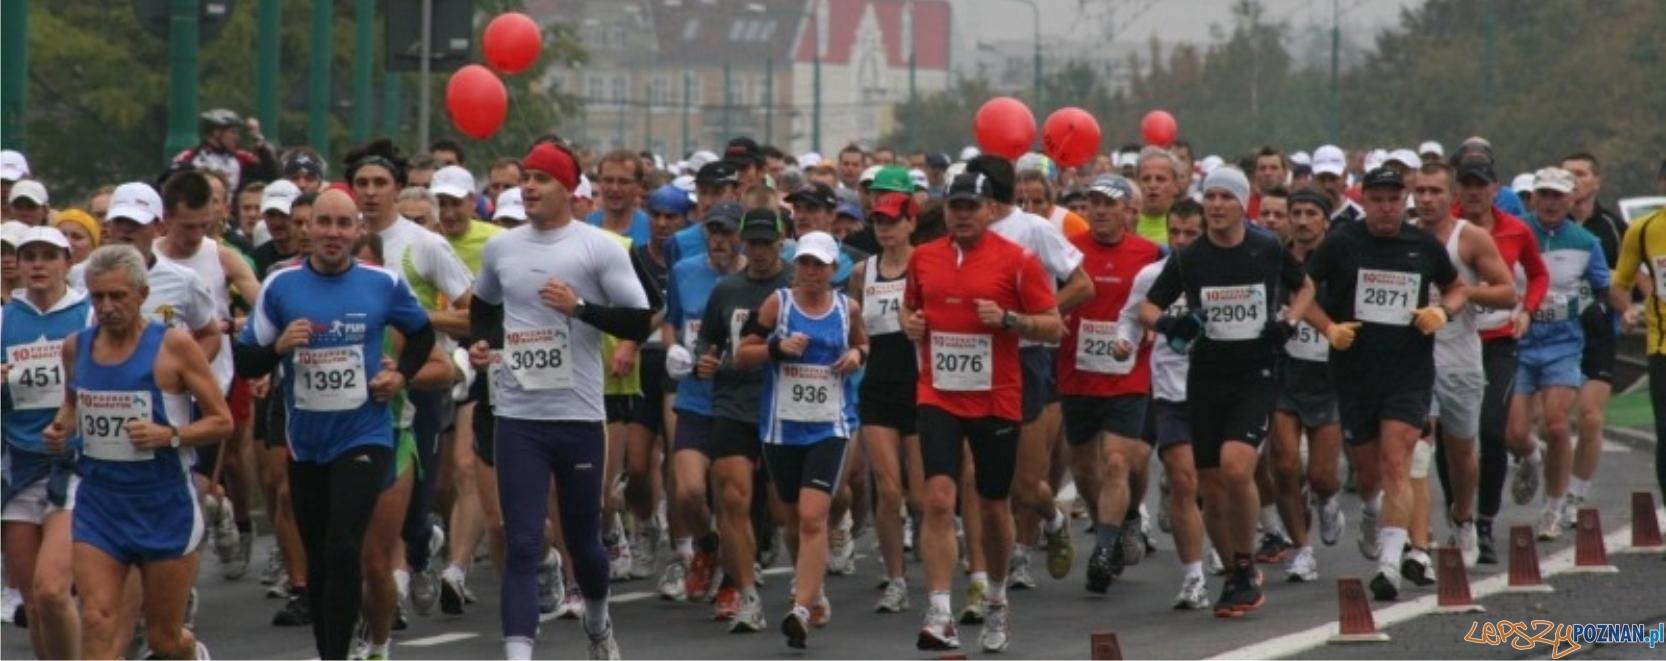 10 maraton  Foto: lepszyPOZNAN